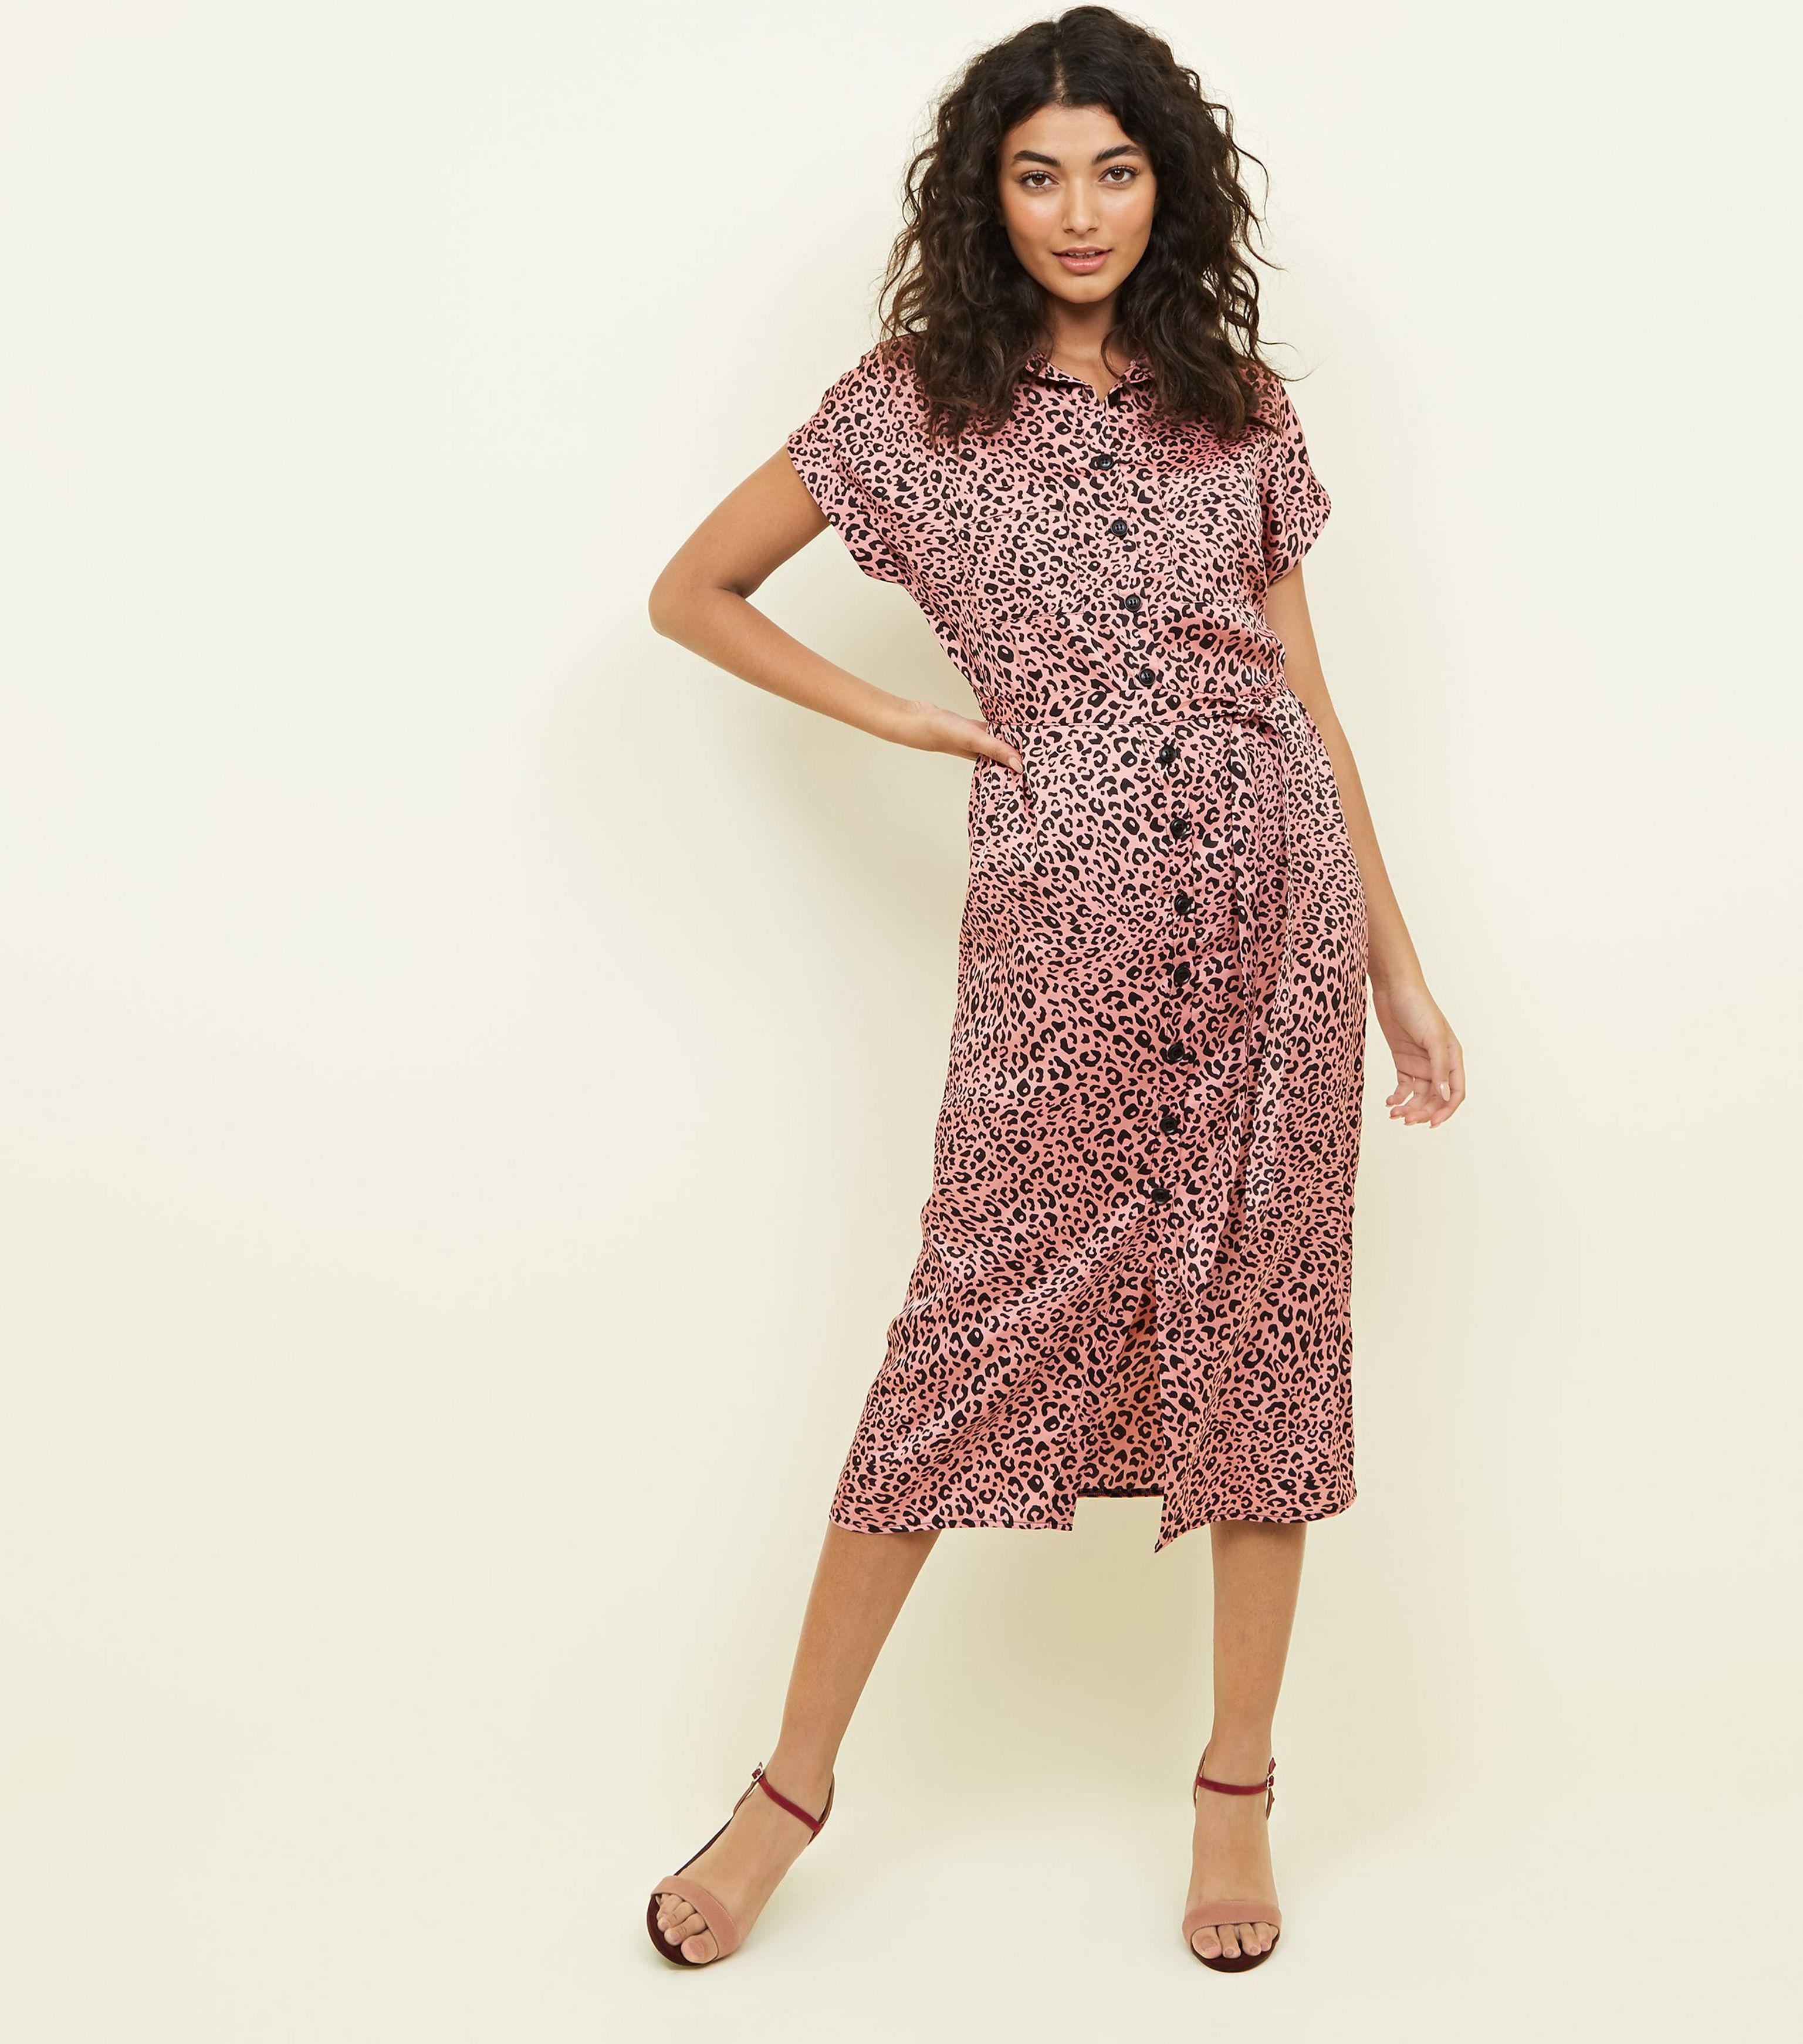 cd0a3afd7b5d New Look Pink Leopard Print Satin Midi Shirt Dress in Pink - Lyst